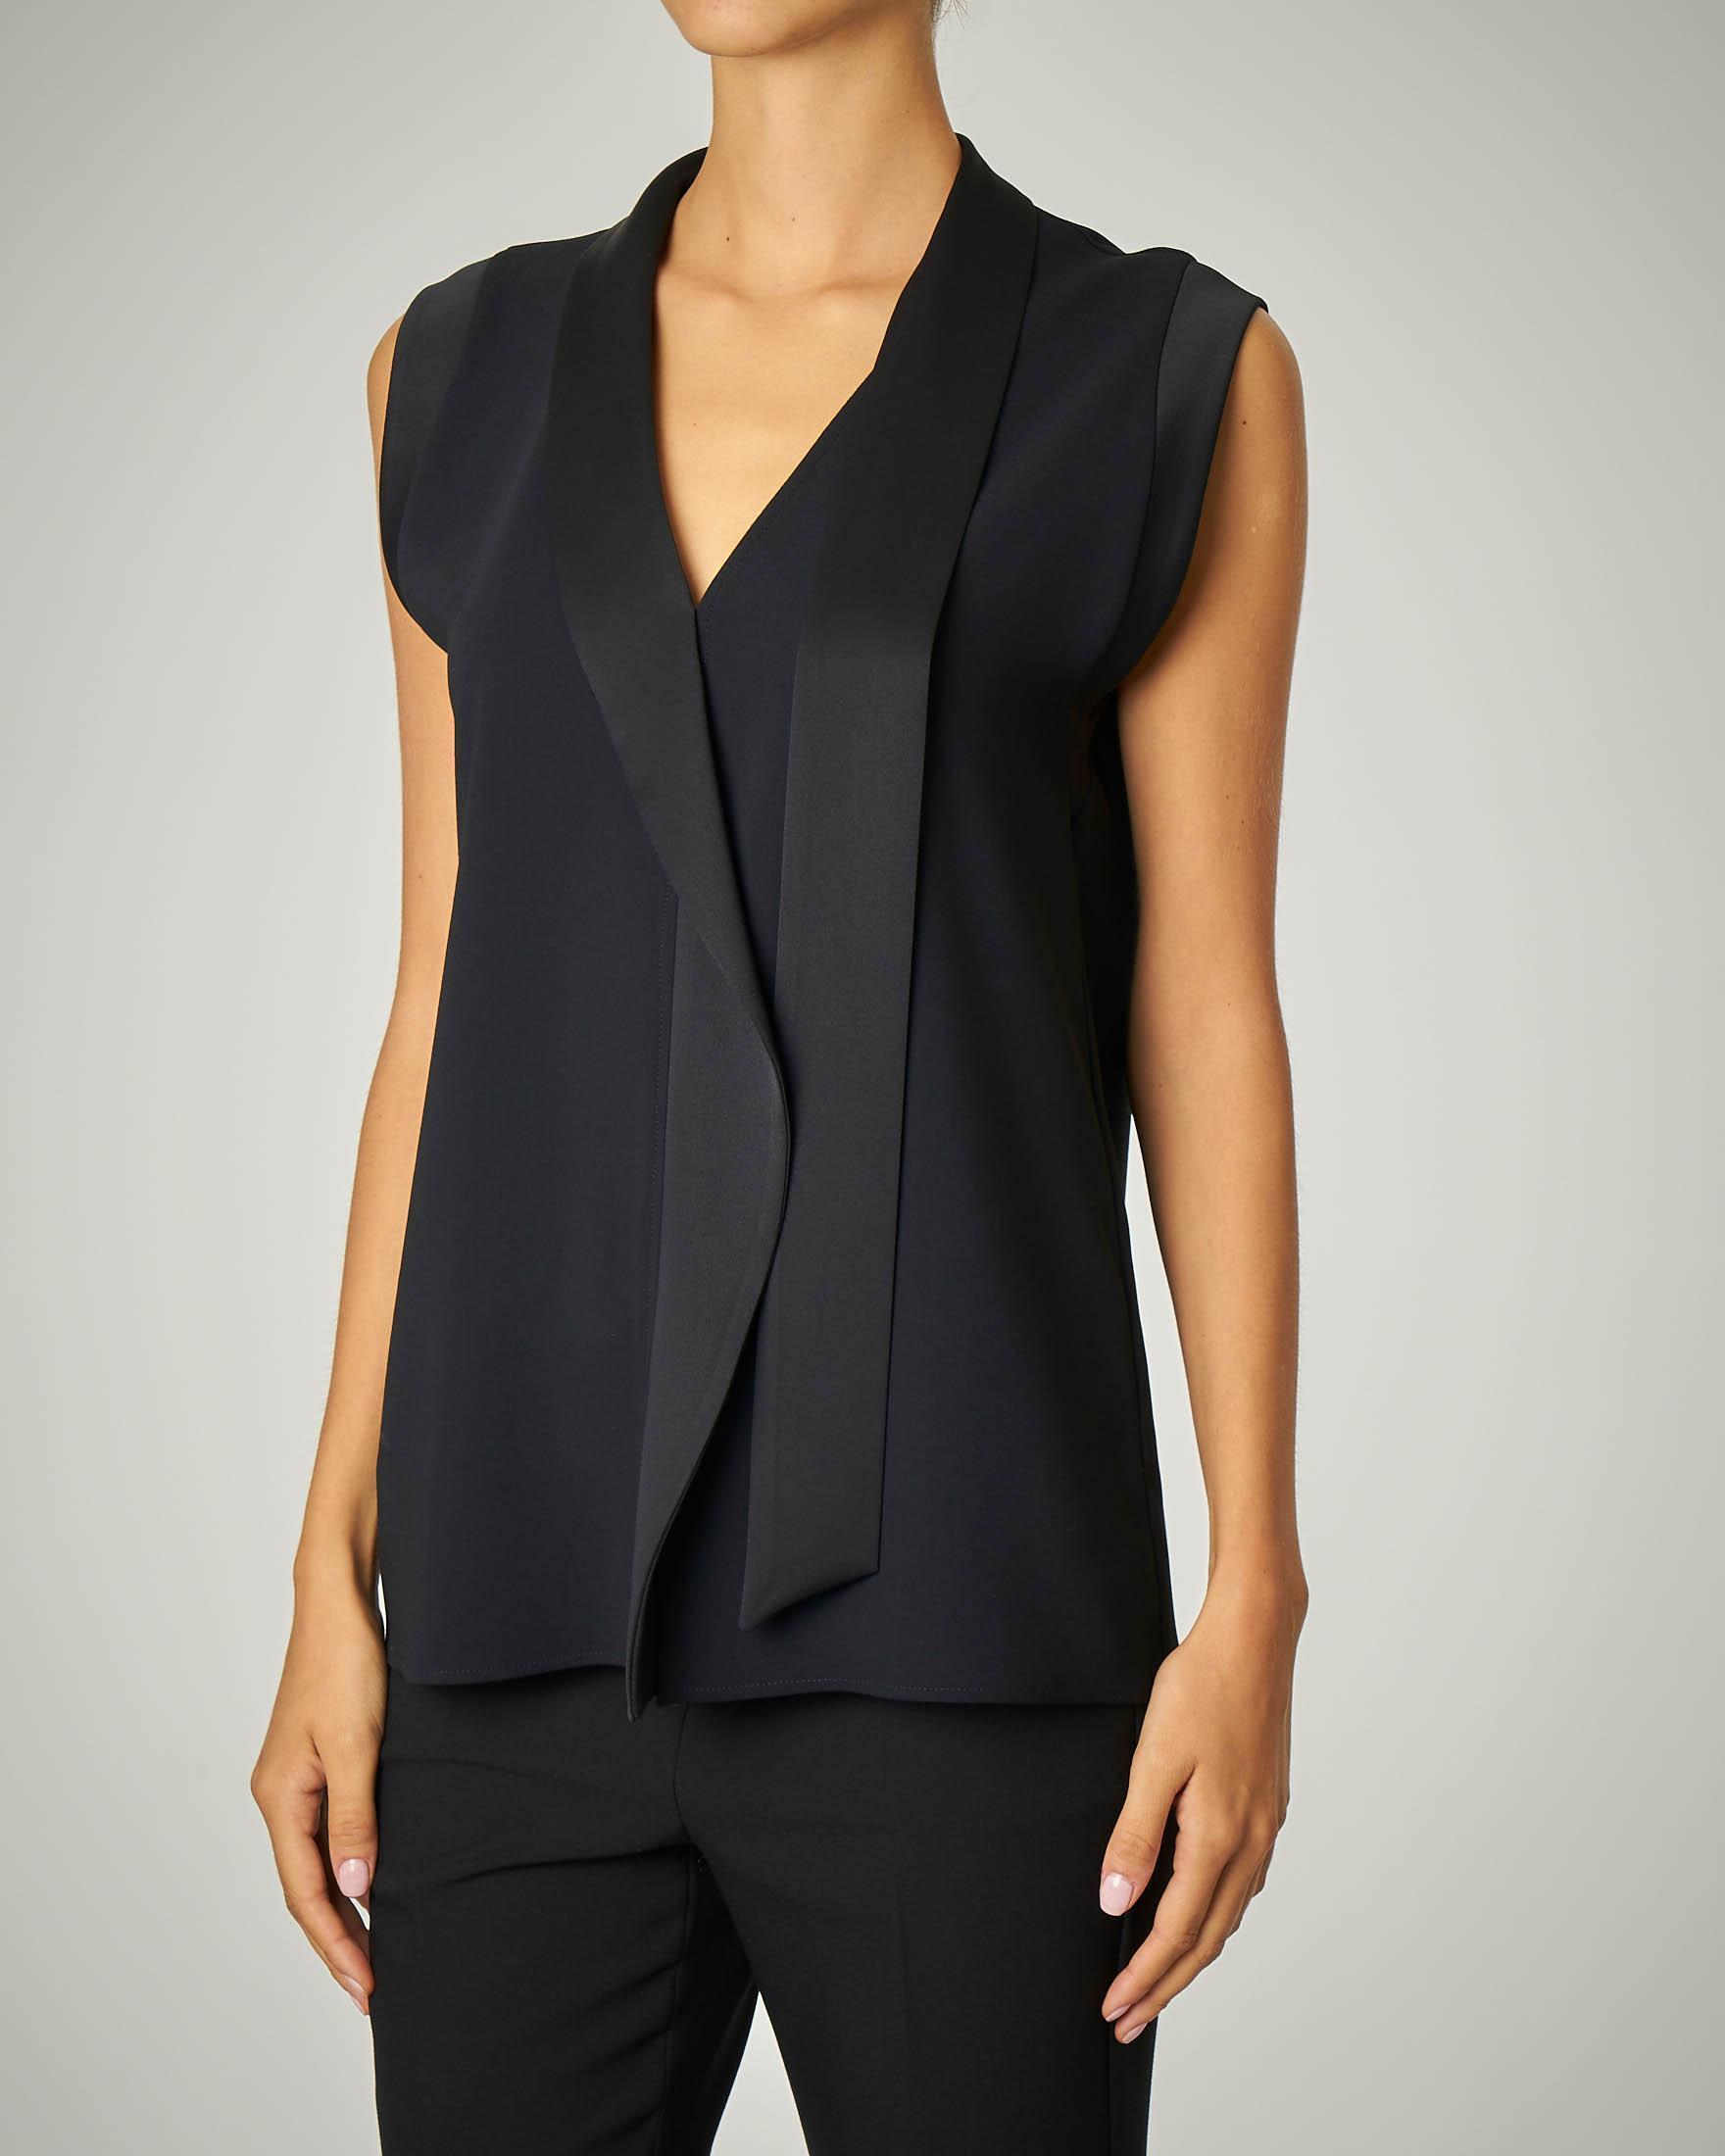 Camicia nera senza maniche e scollo a V